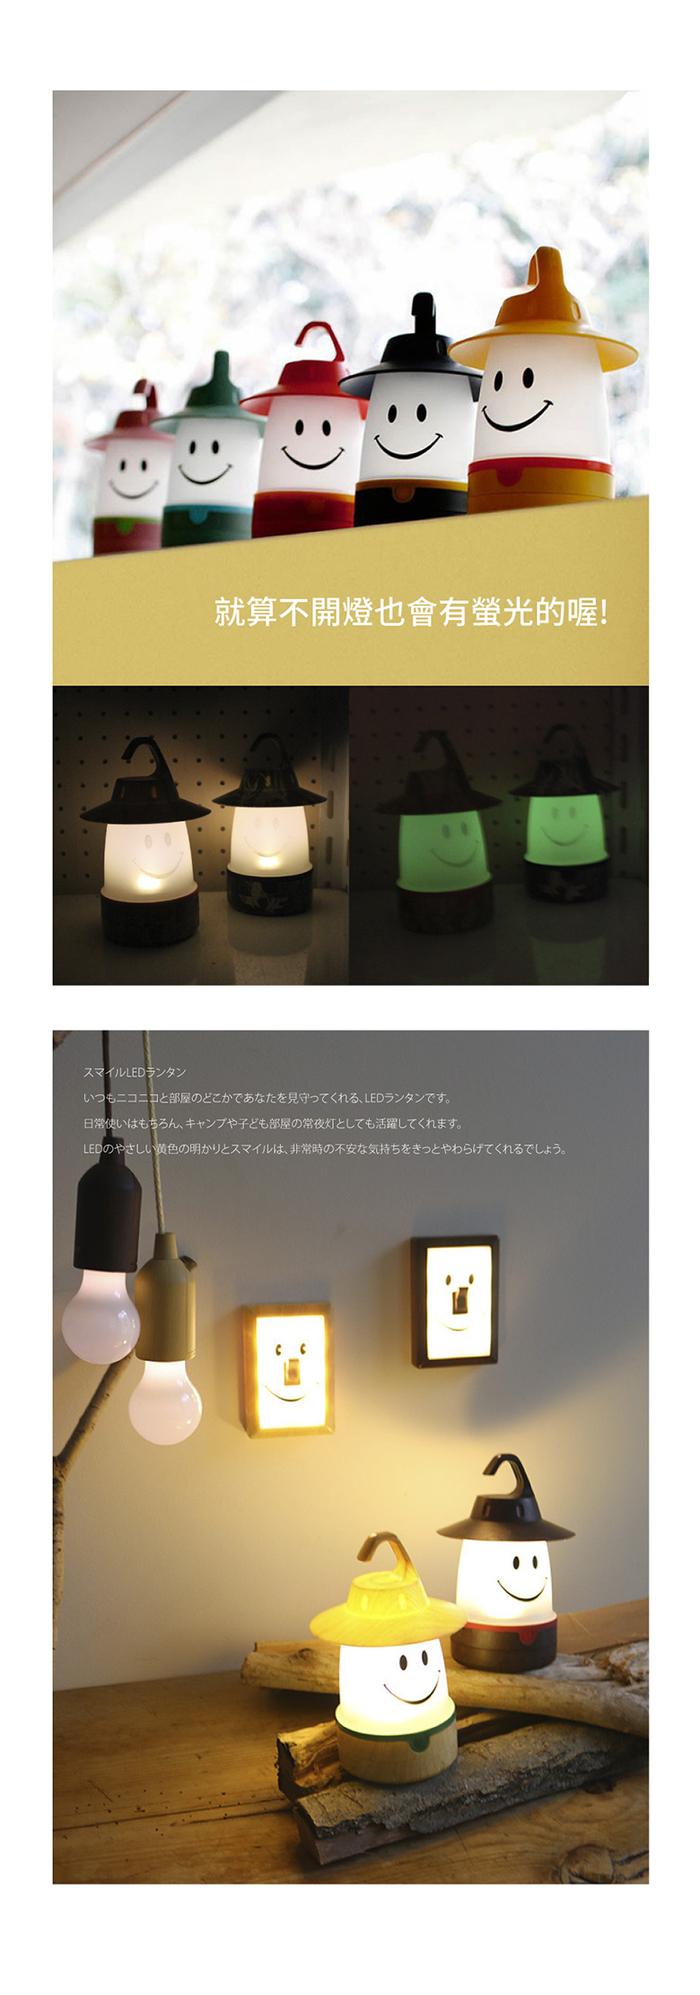 (複製)SPICE|日本戶外/室內兼用 LED燈裝飾條(露營燈)-繽紛派對